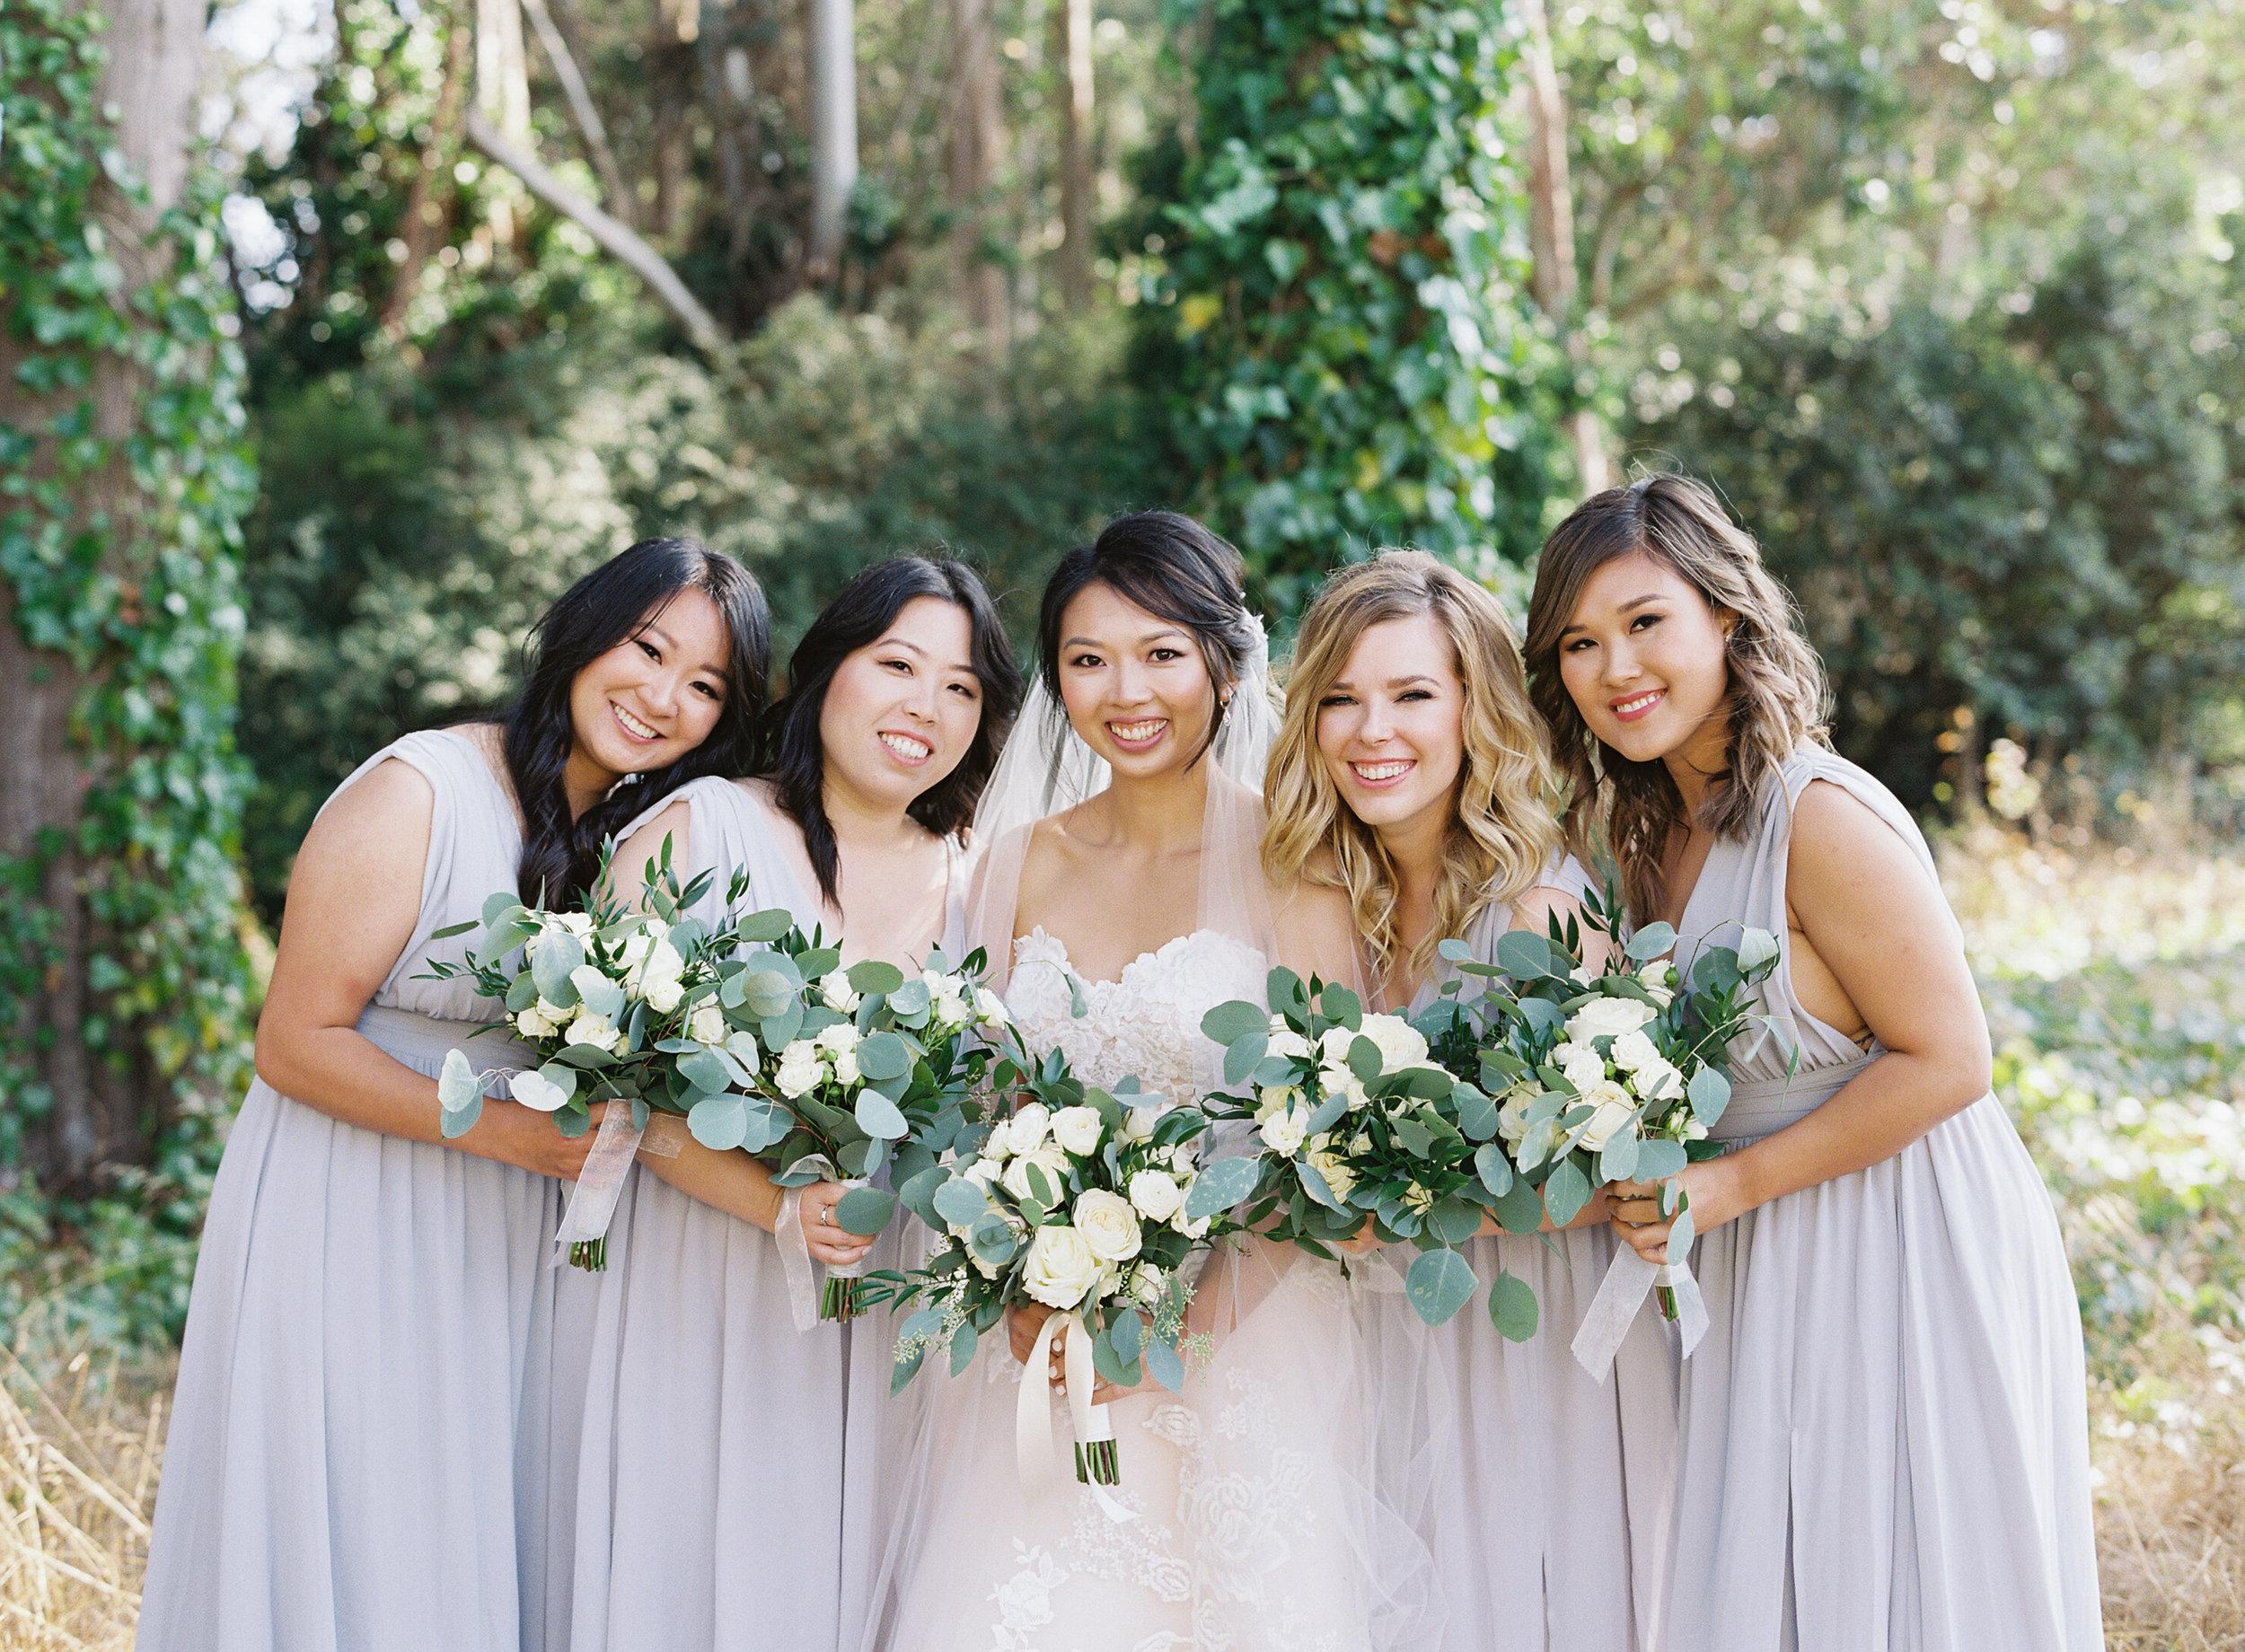 NathalieCheng_SNWedding_WeddingParty_013.jpg